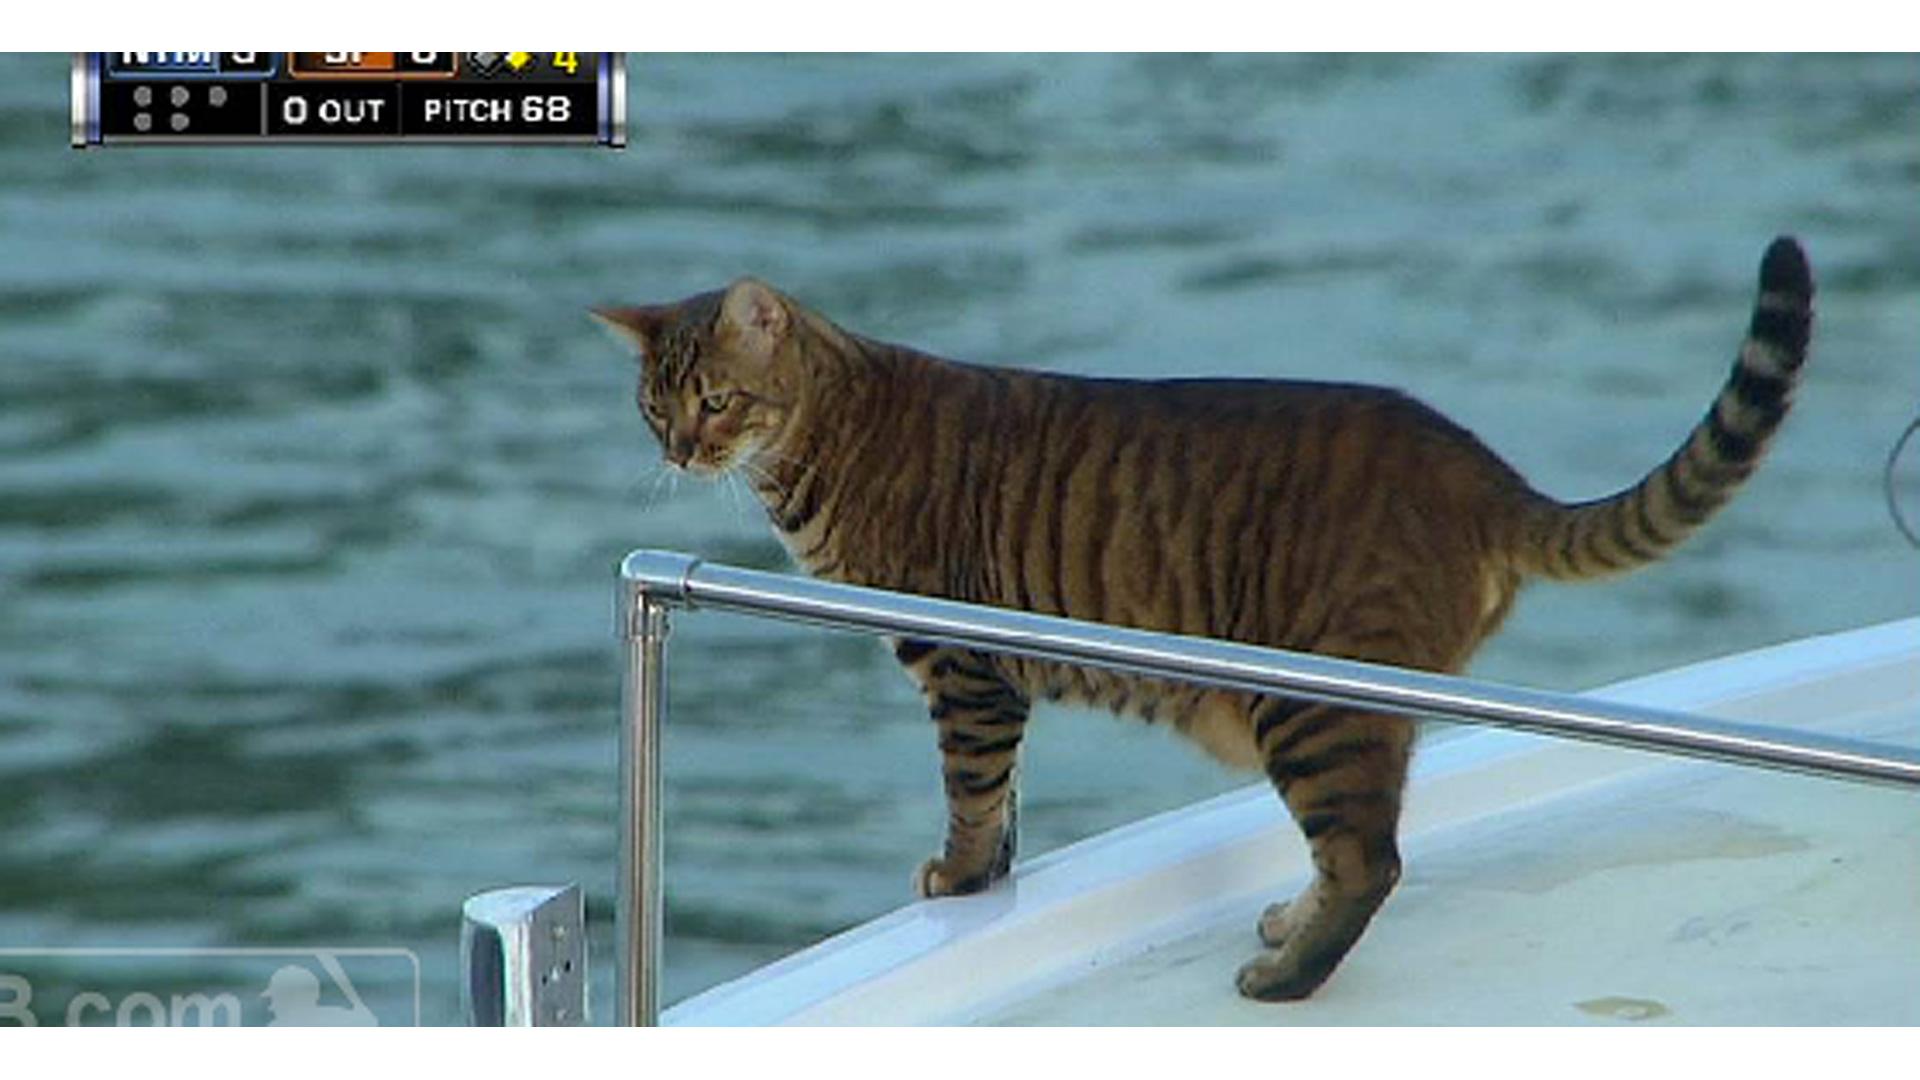 cats-baseball-mccovey-cover-06-814-youtube-ftr